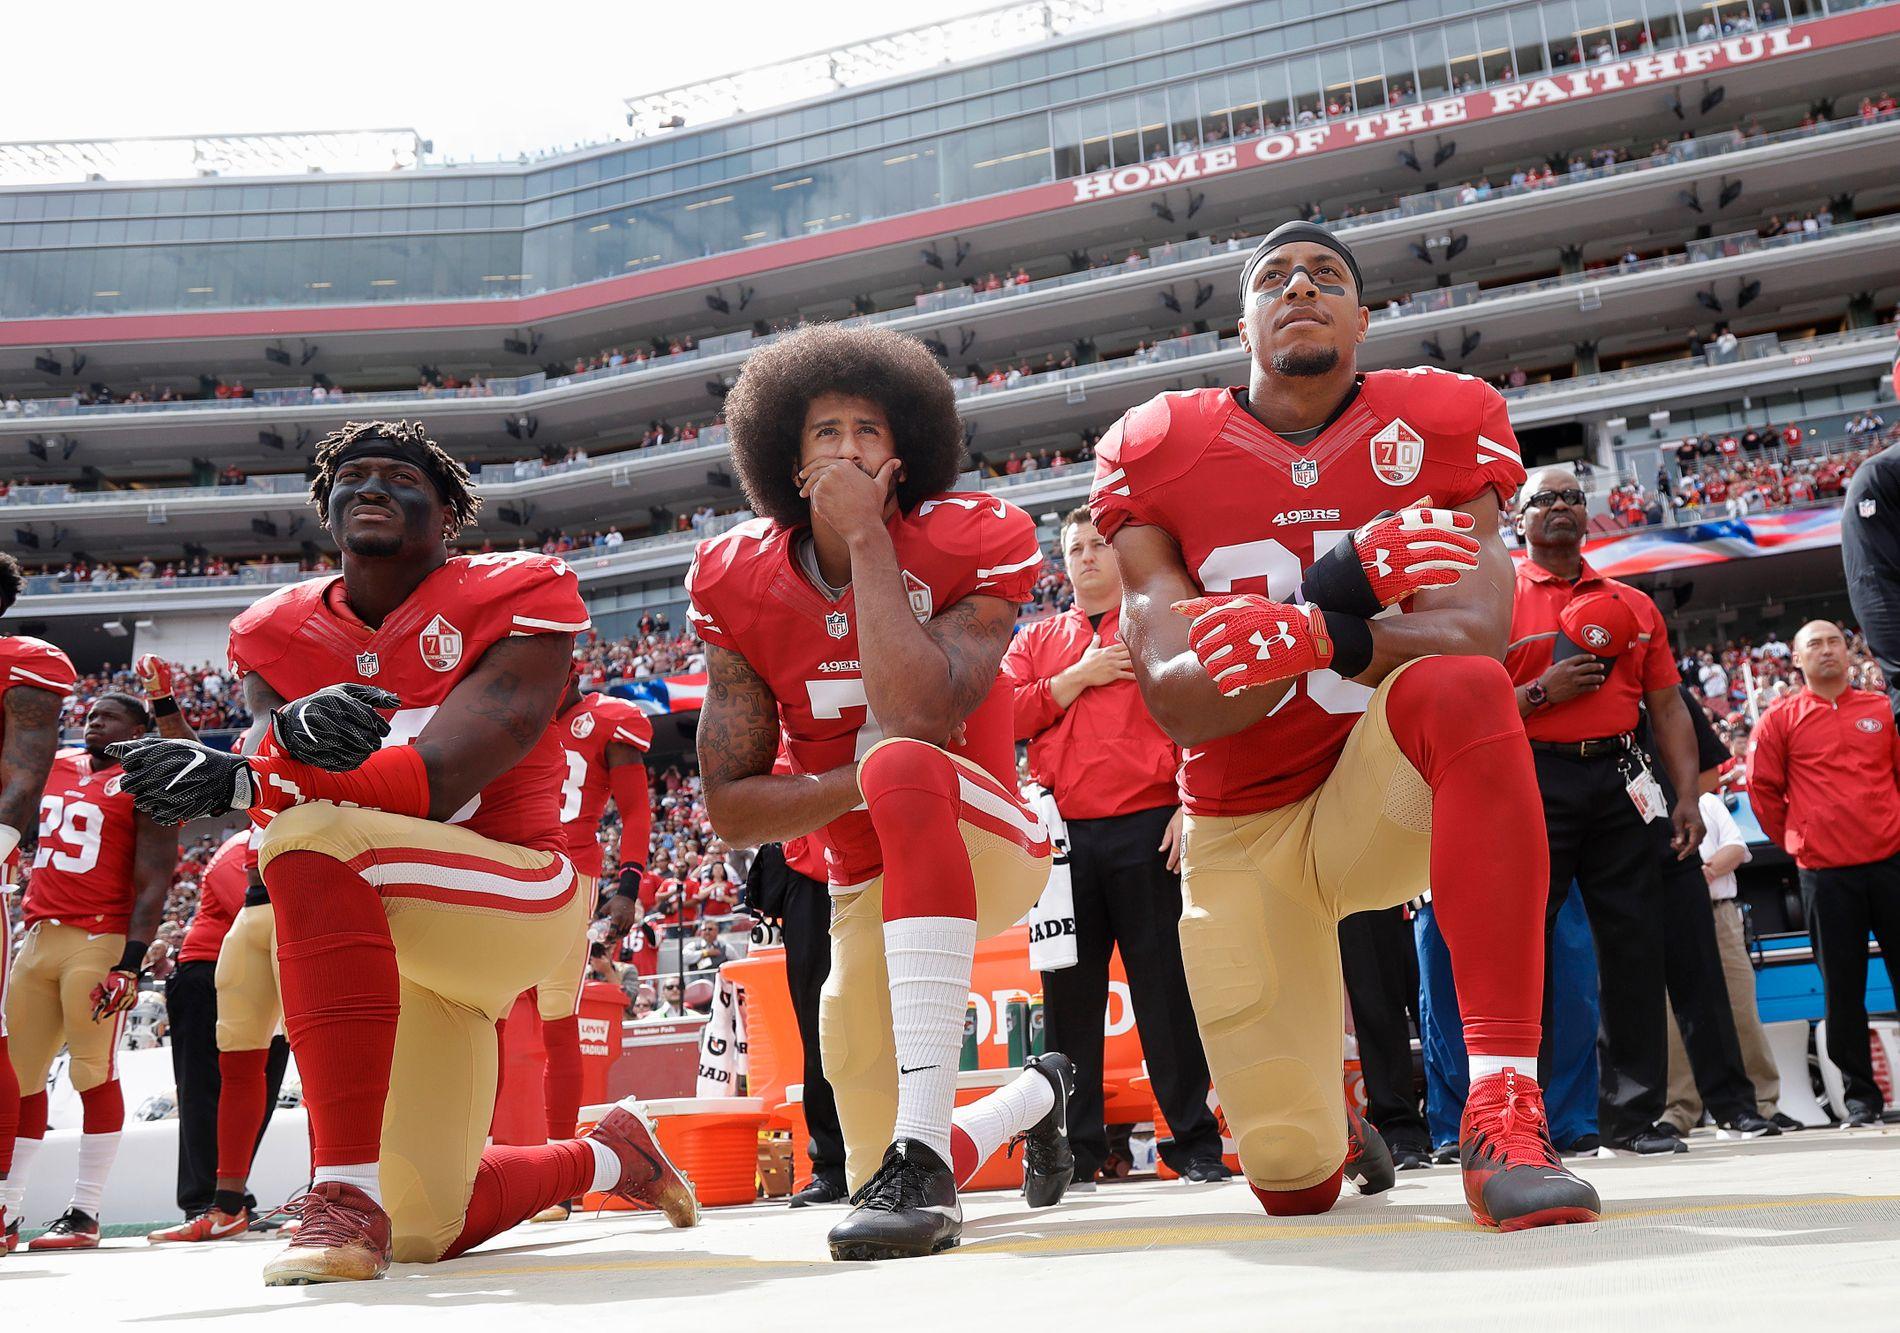 NEKTET Å STÅ: Da Colin Kaepernick og lagkameratene i San Fransciso 49ers knelte under nasjonalsangen startet de en protestbølge som fortsatt preger NFL.